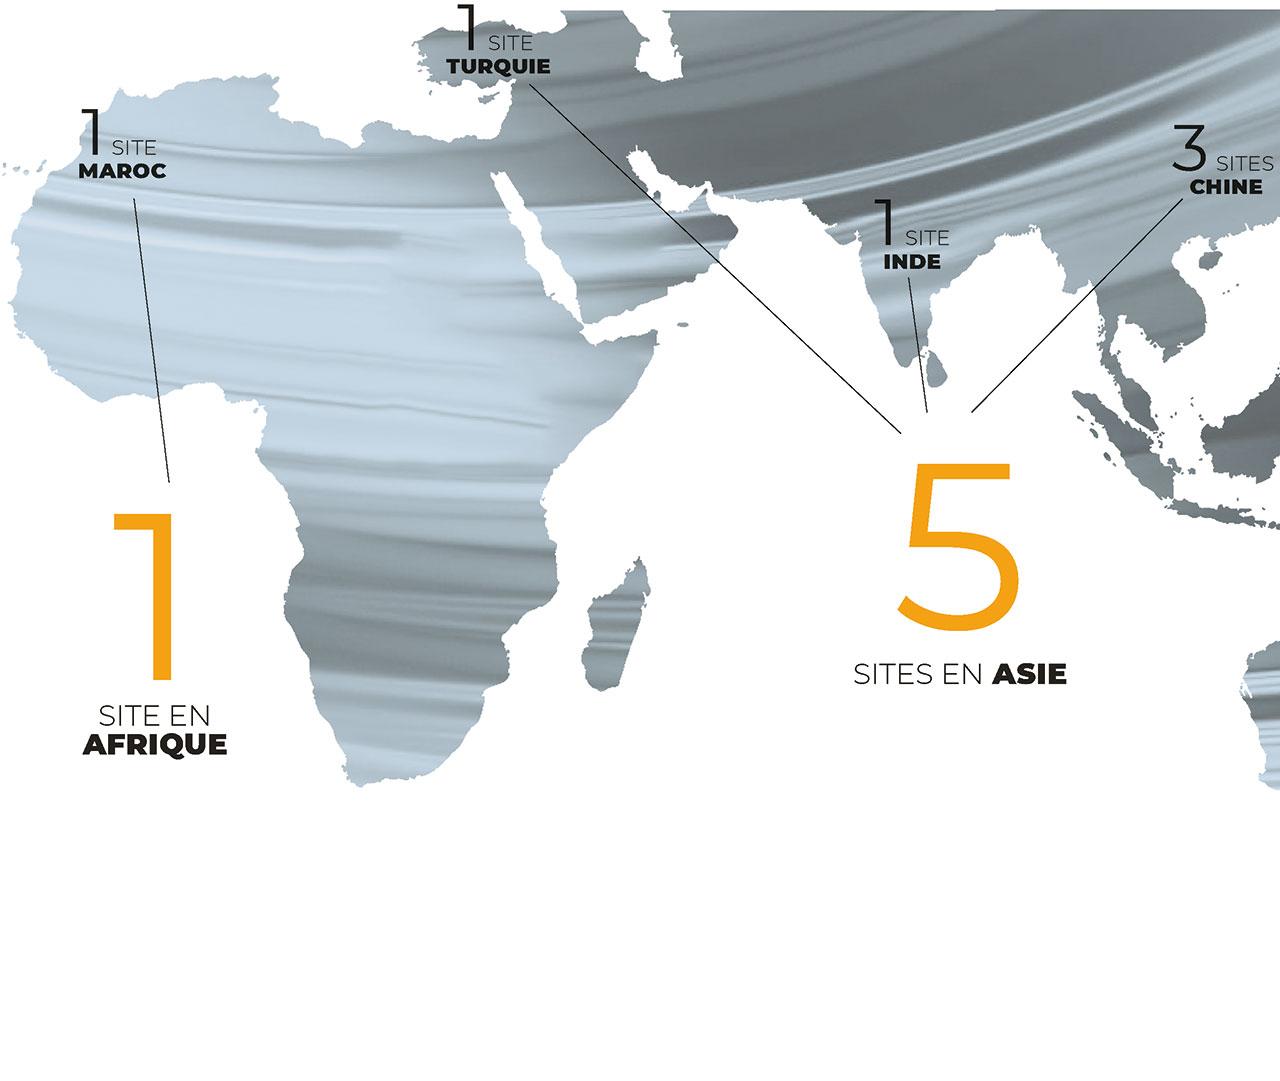 1 site en Afrique, 5 sites en Asie